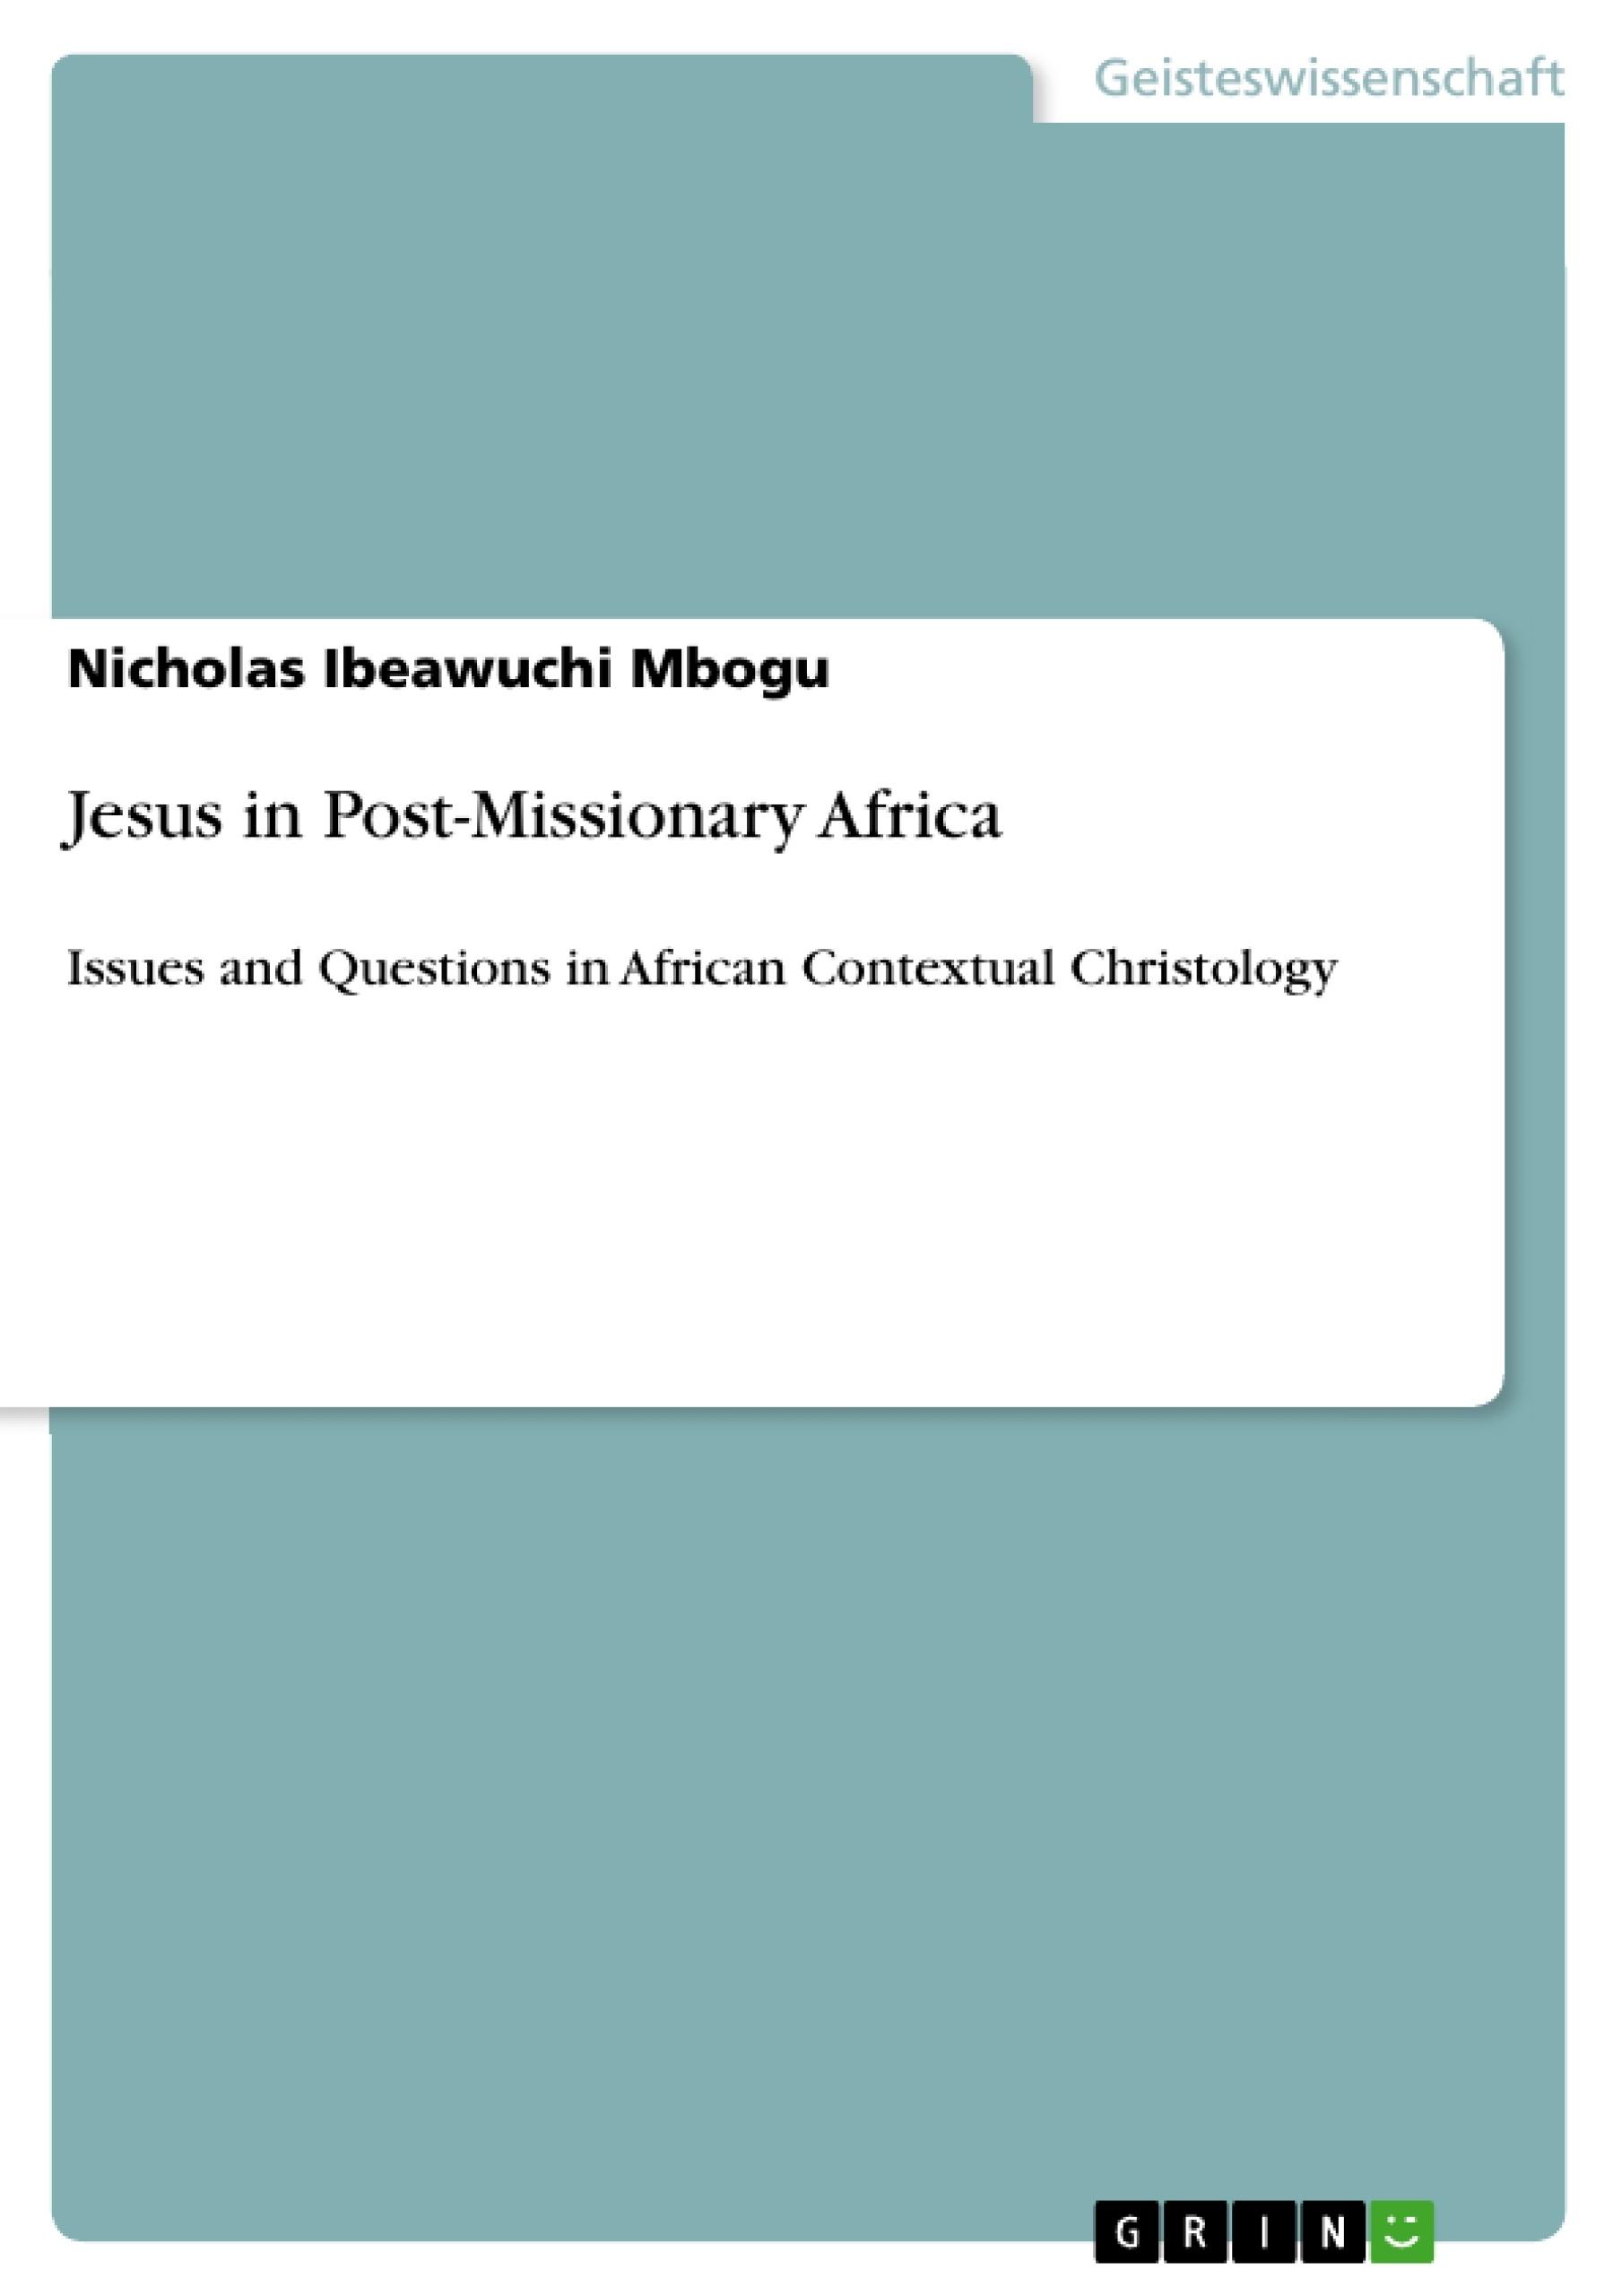 Jesus in post missionary africa masterarbeit hausarbeit laden sie ihre eigenen arbeiten hoch geld verdienen und iphone x gewinnen fandeluxe Images